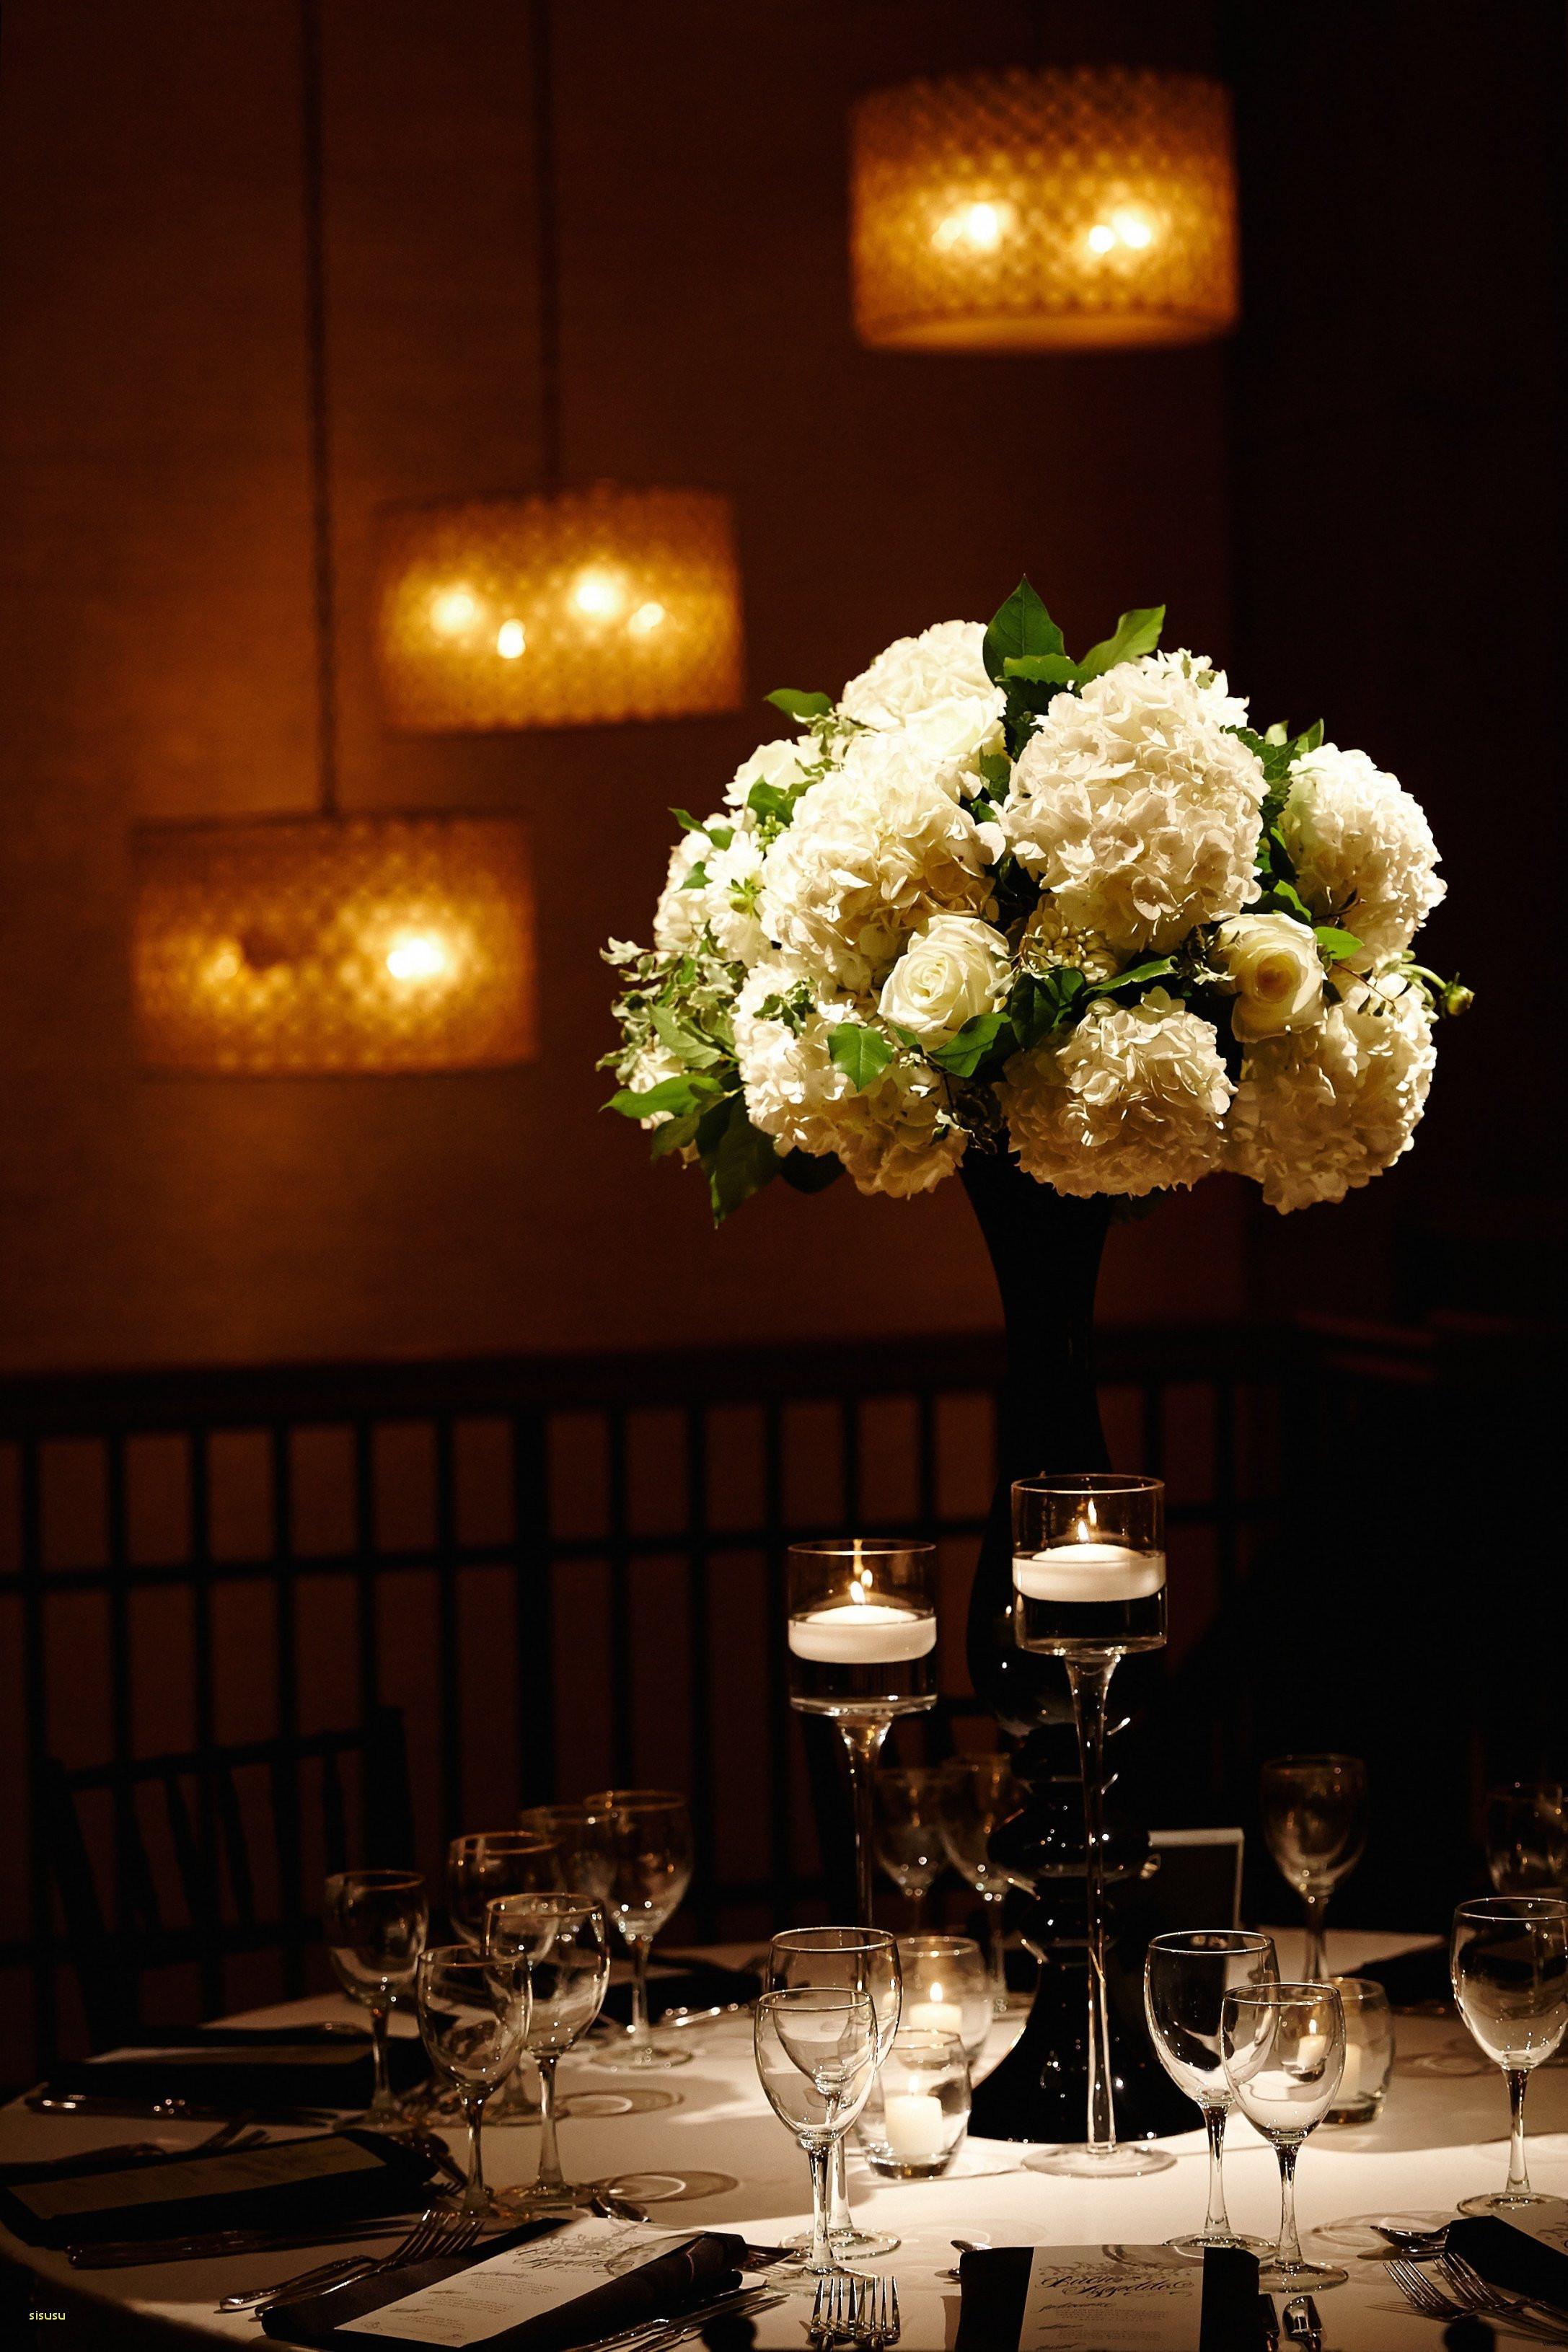 Black Glass Vase Of Lovely Corner Flower Beds Ideas Best Landscaping Ideas Inside Il Fullxfull H Vases Black Vase White Flowers Zoomi 0d with Design Design Ideas Corner